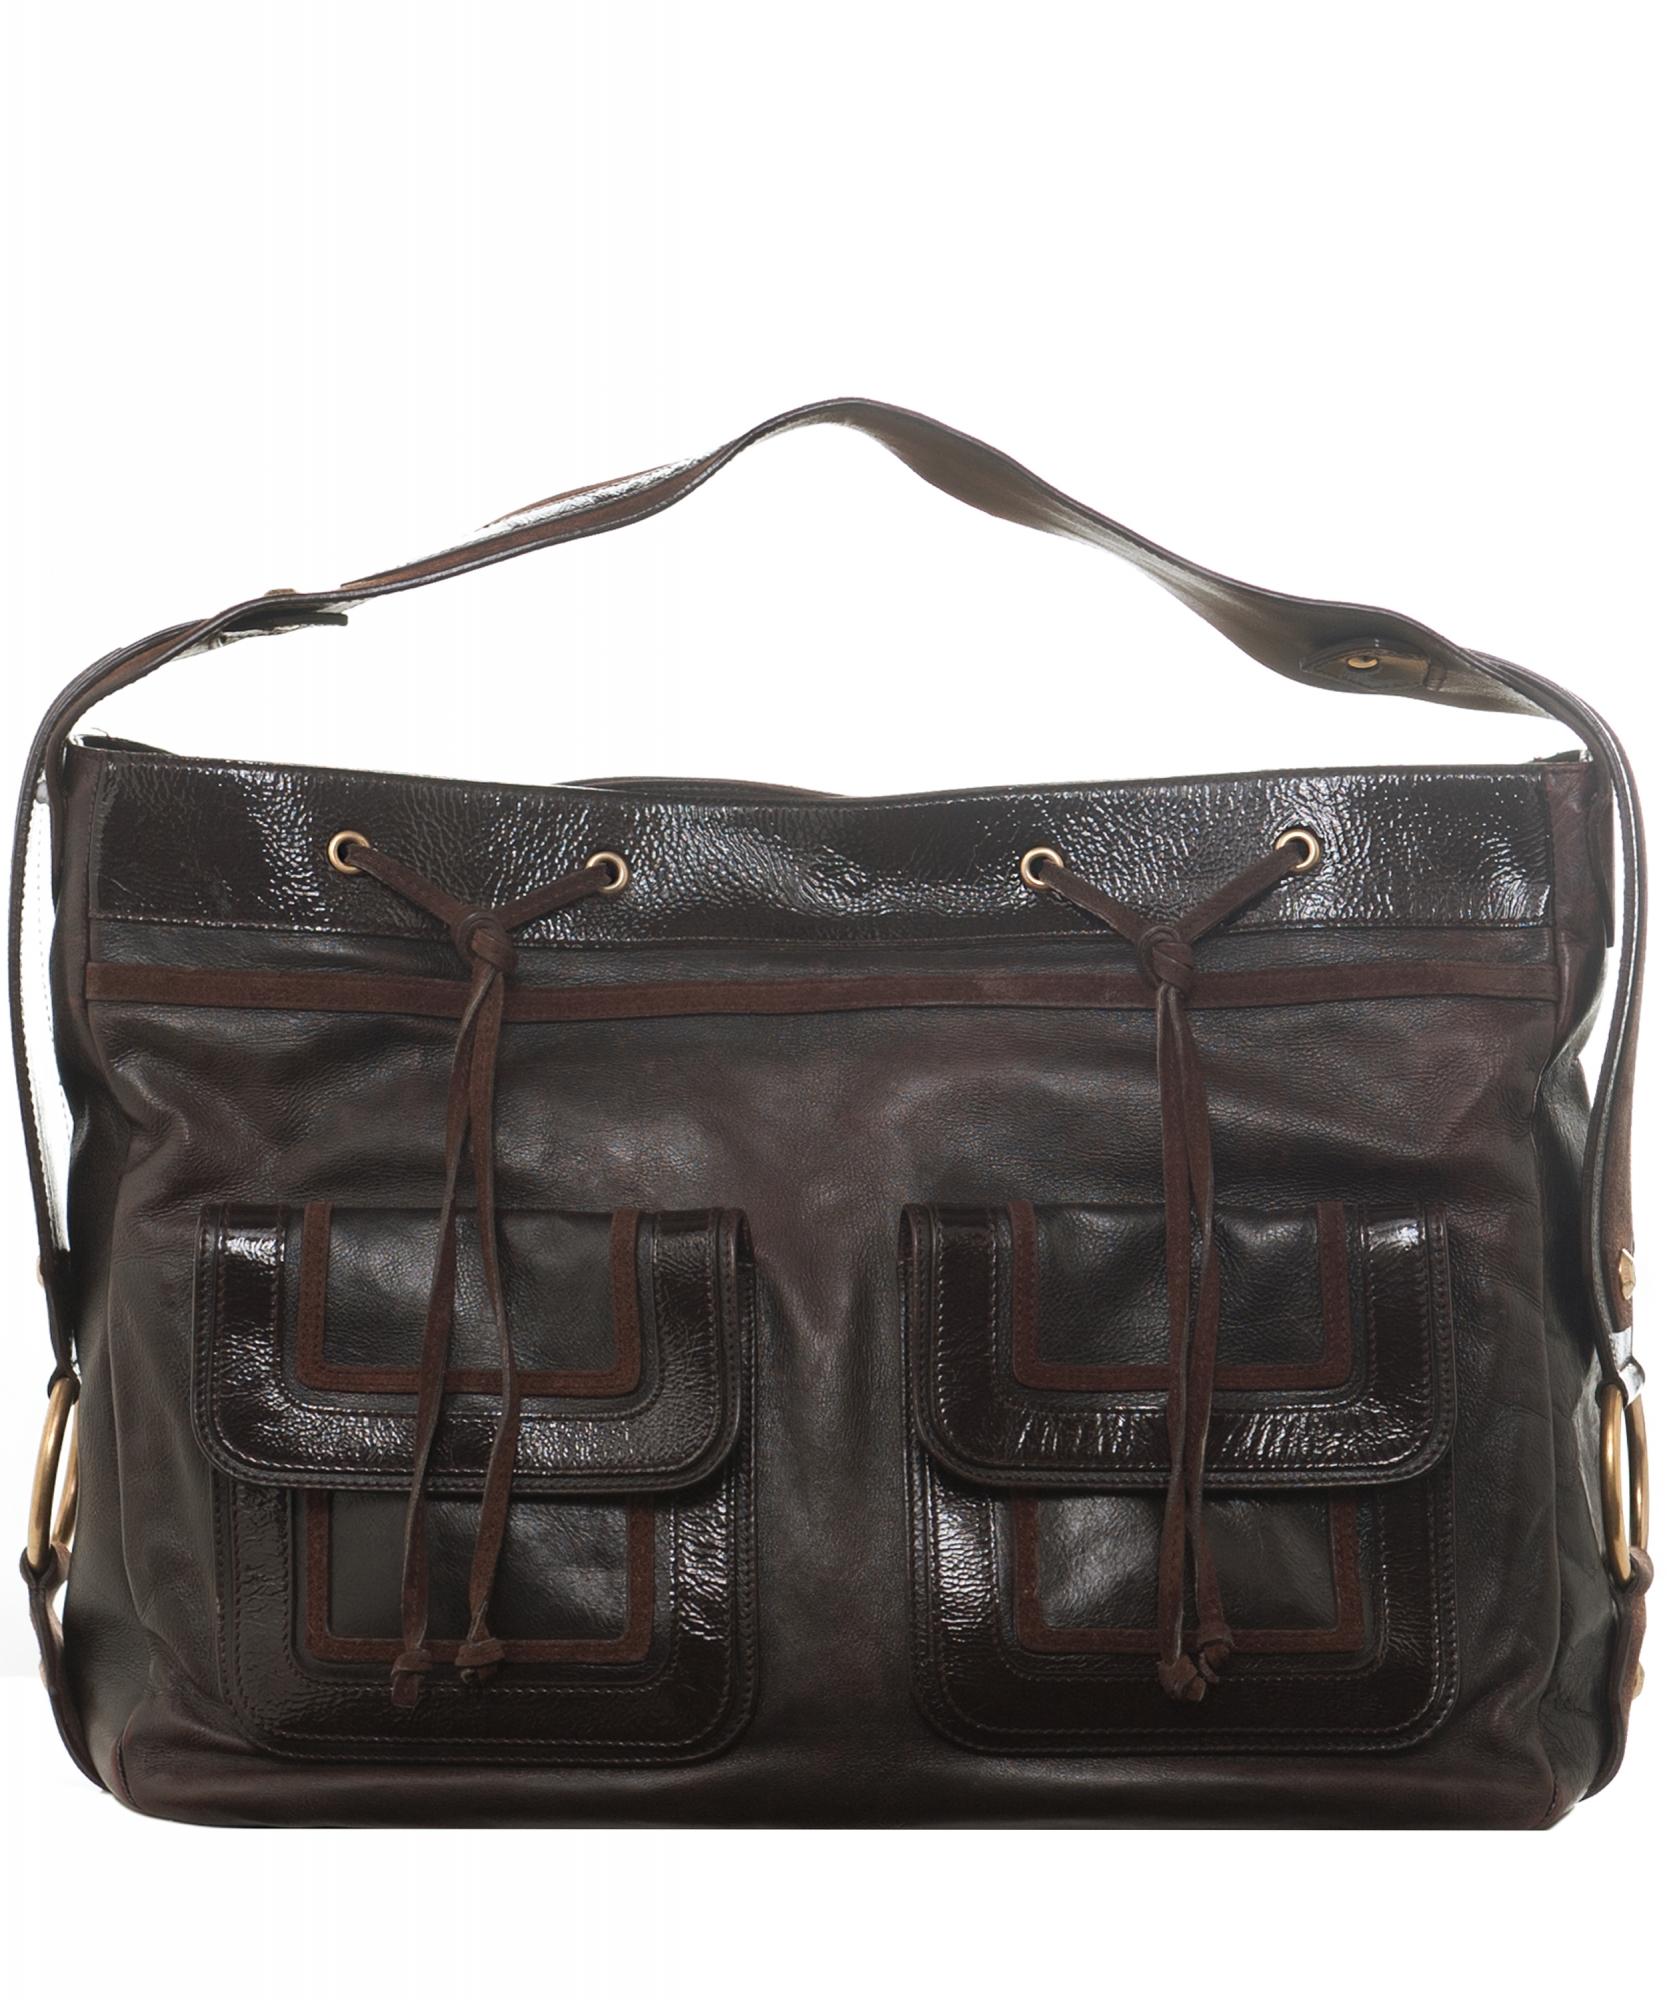 8c1ea90976 Yves Saint Laurent 'Rive Gauche' Brown Leather Shoulder Bag | La Doyenne